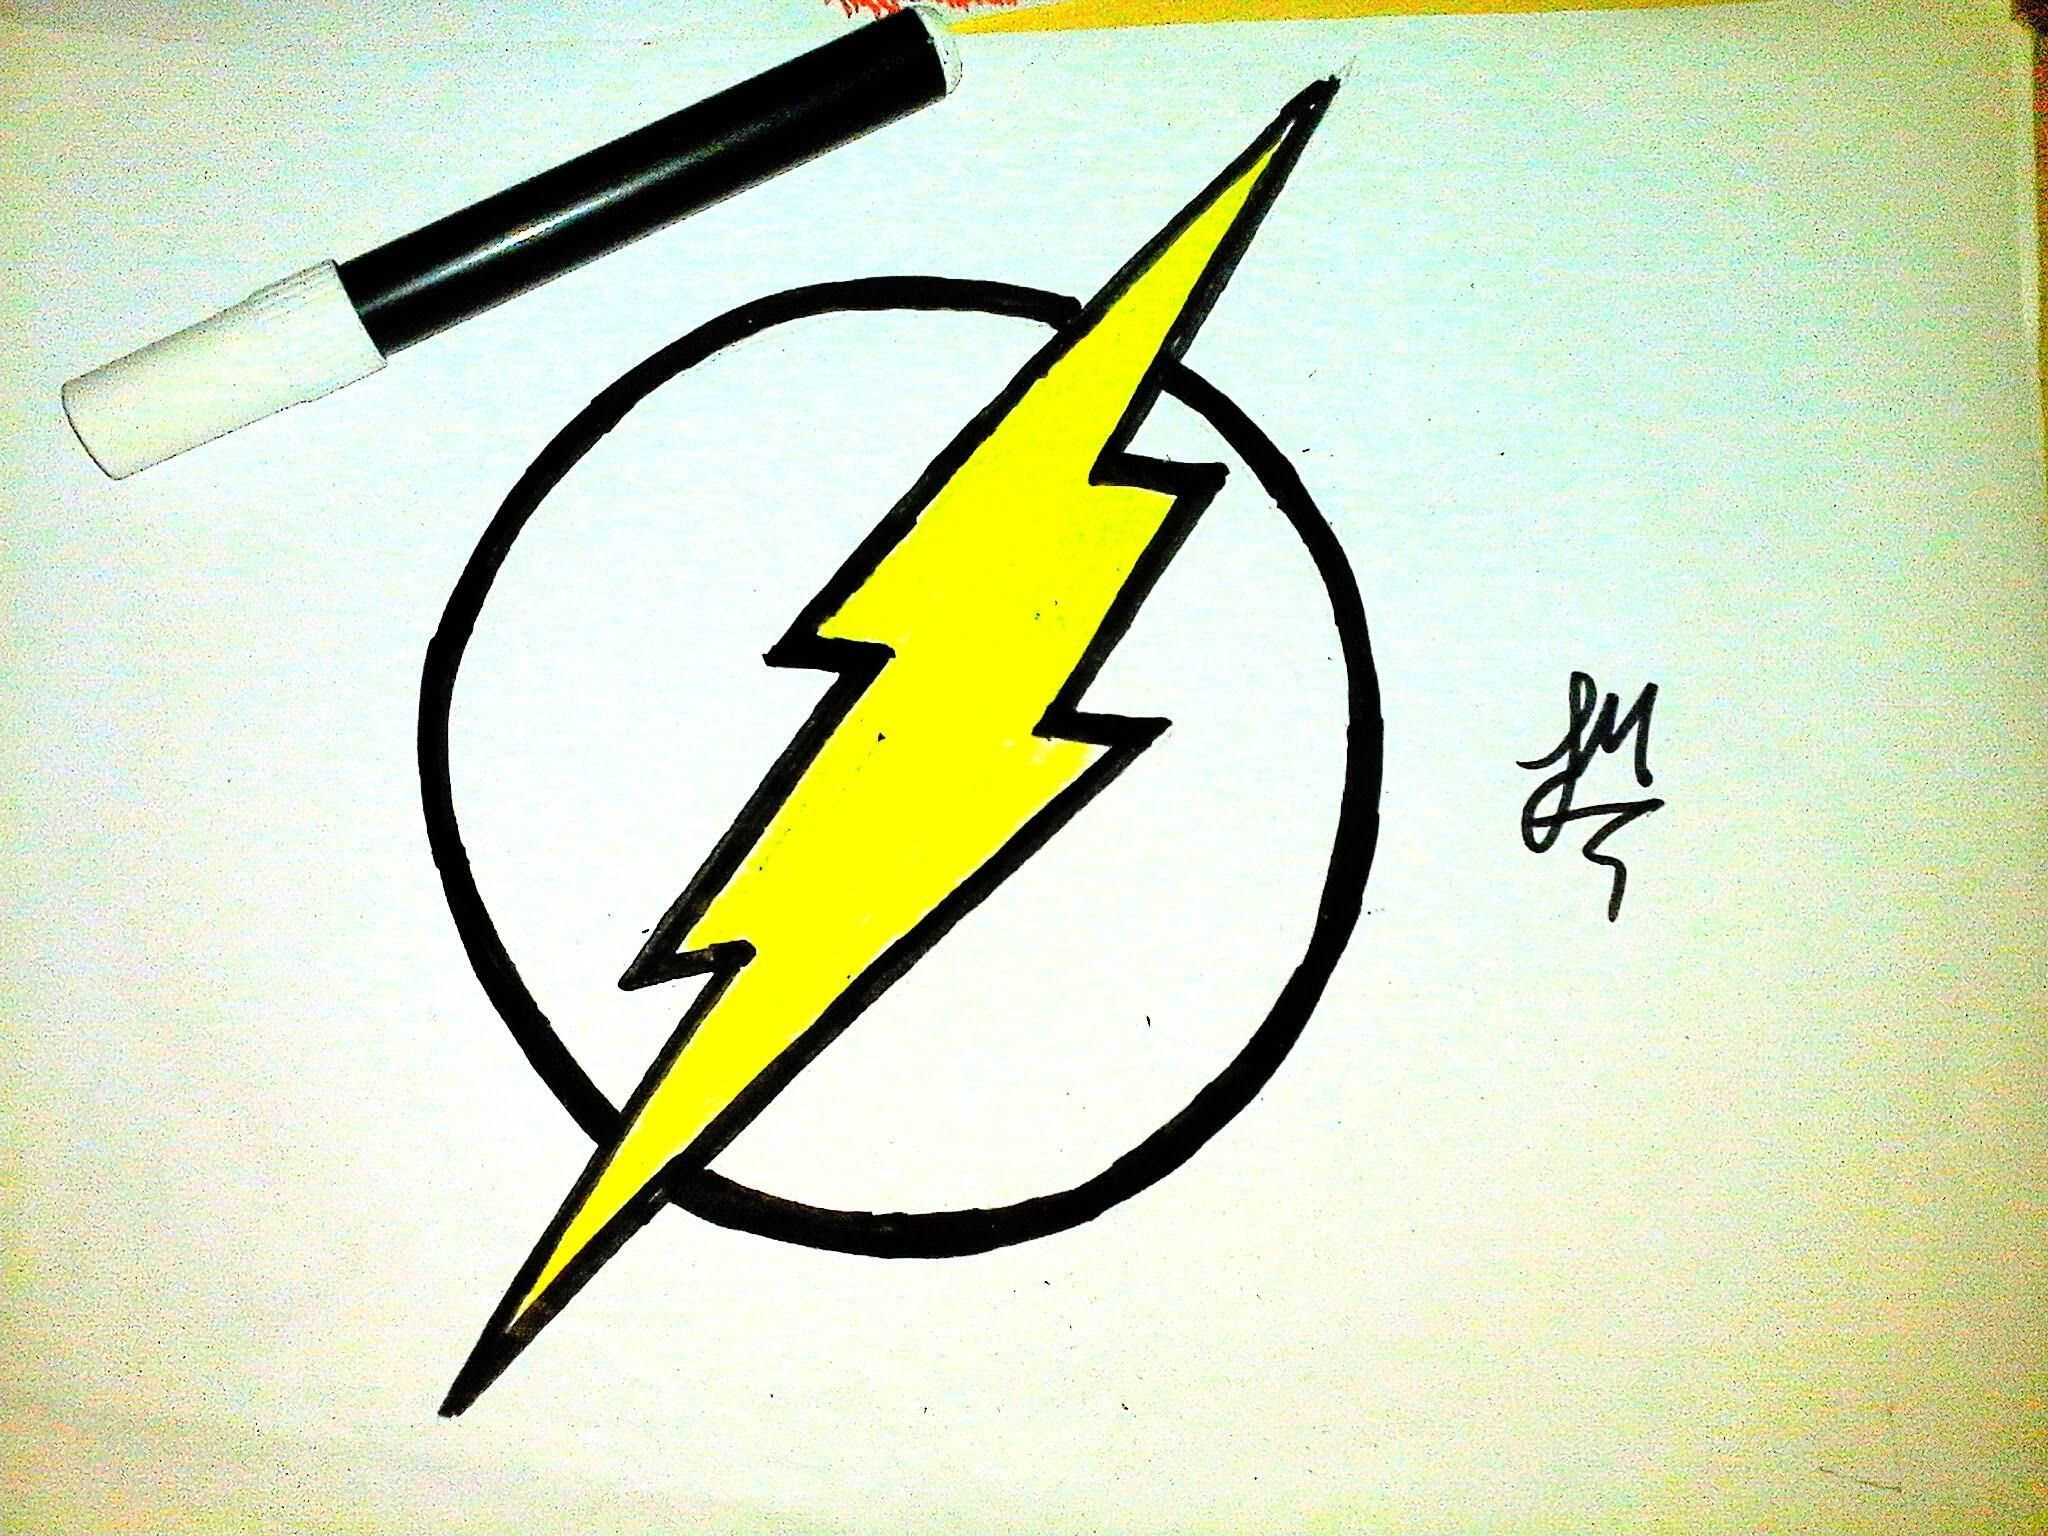 2048x1536 Como Desenhar A Logo Do Flash [How To Draw Flash